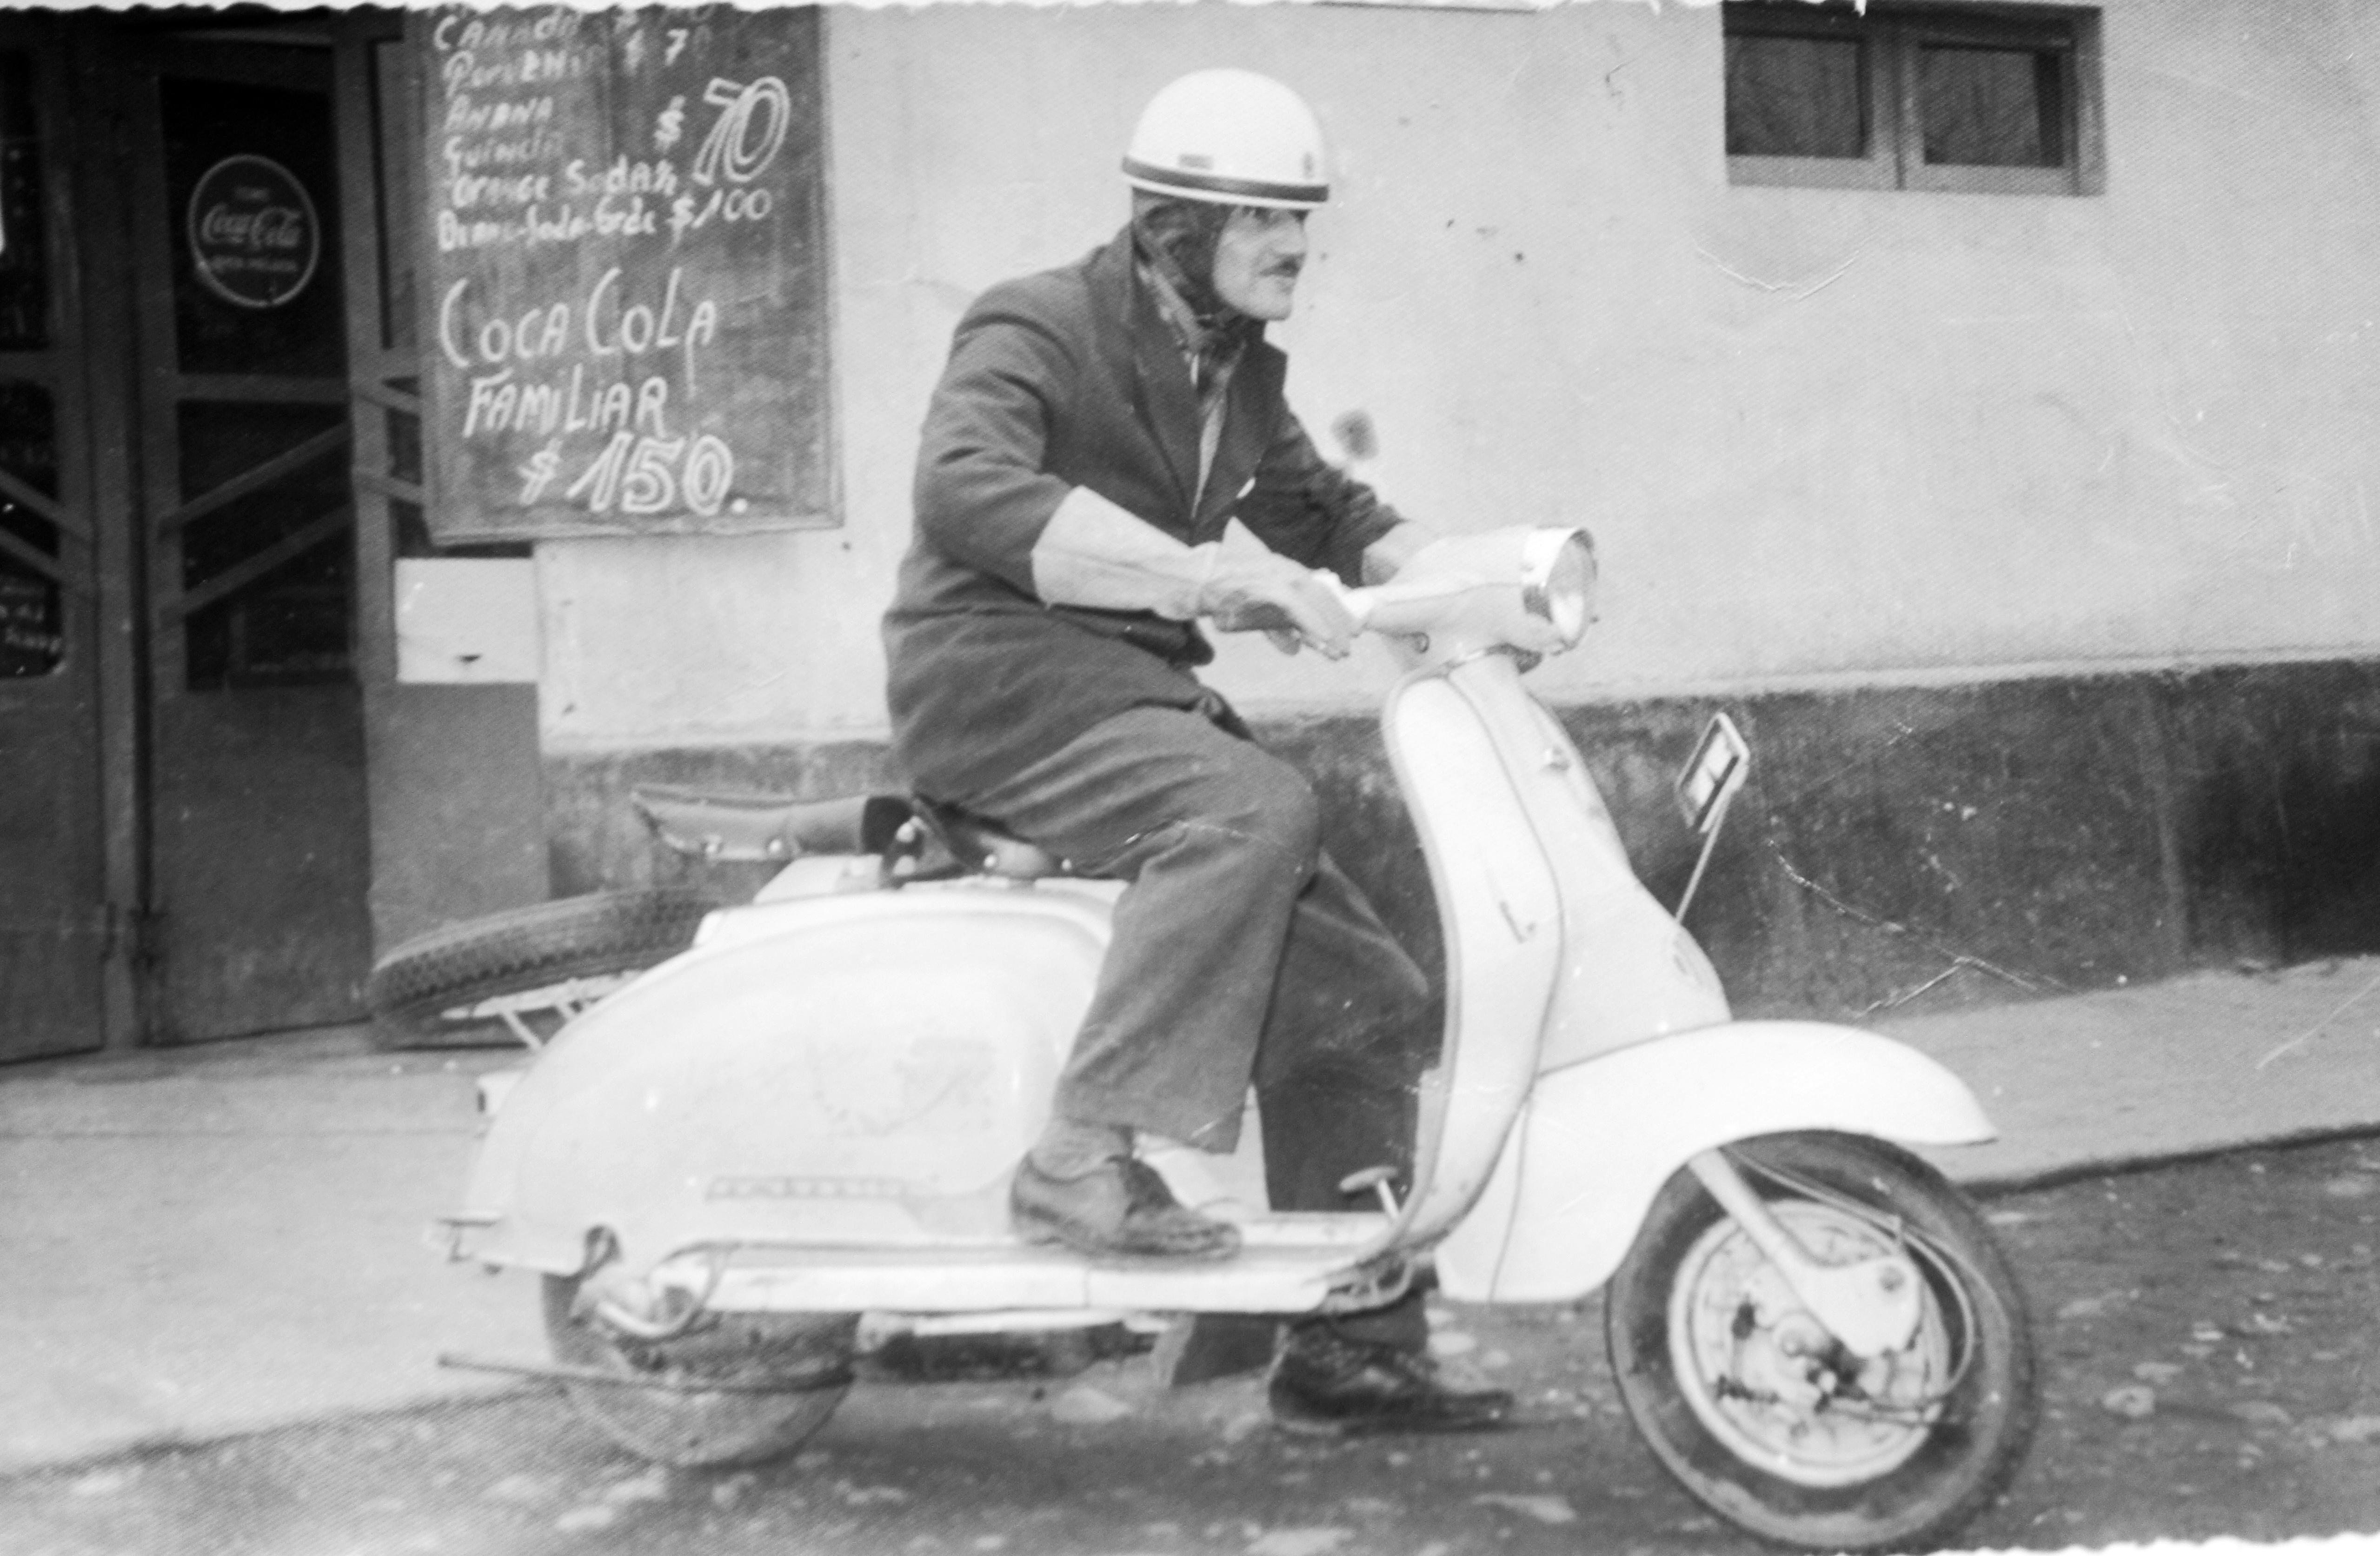 Enterreno - Fotos históricas de chile - fotos antiguas de Chile - Don Nano y su moto en 1960